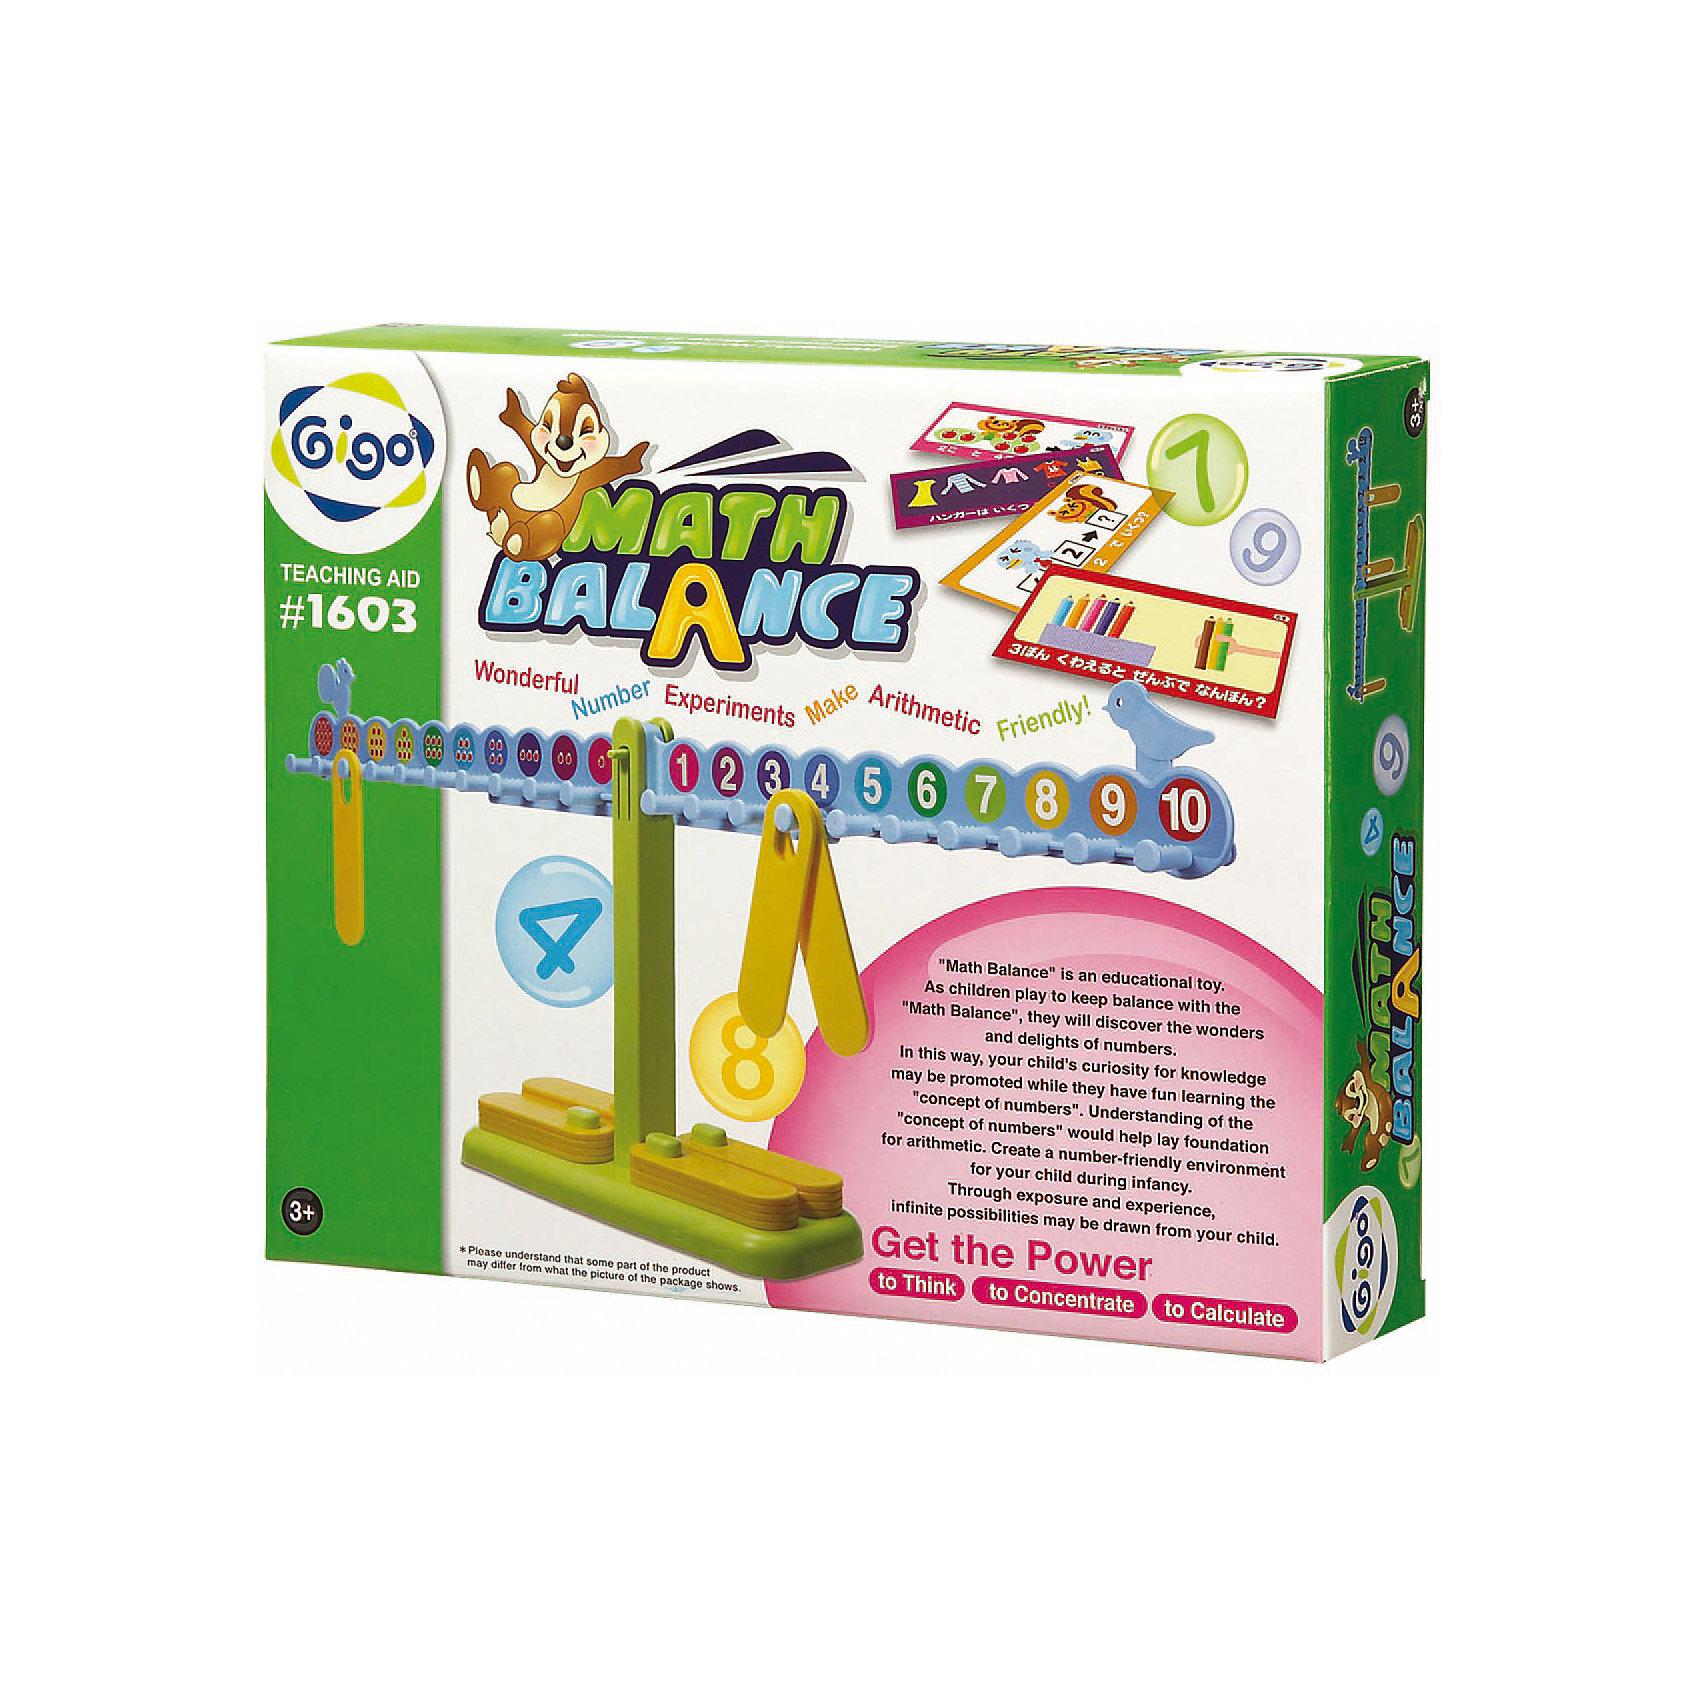 Занимательные весы MATH BALANCE, GigoКонструктор Gigo Math balance (Гиго. Занимательные весы) дает возможность в игровой форме освоить счет, сложение, вычитание, умножение и деление. В набор входит методическое пособие, которое поможет организовать обучение ребенка.<br><br>Ширина мм: 270<br>Глубина мм: 60<br>Высота мм: 340<br>Вес г: 1074<br>Возраст от месяцев: 36<br>Возраст до месяцев: 180<br>Пол: Унисекс<br>Возраст: Детский<br>SKU: 5427693